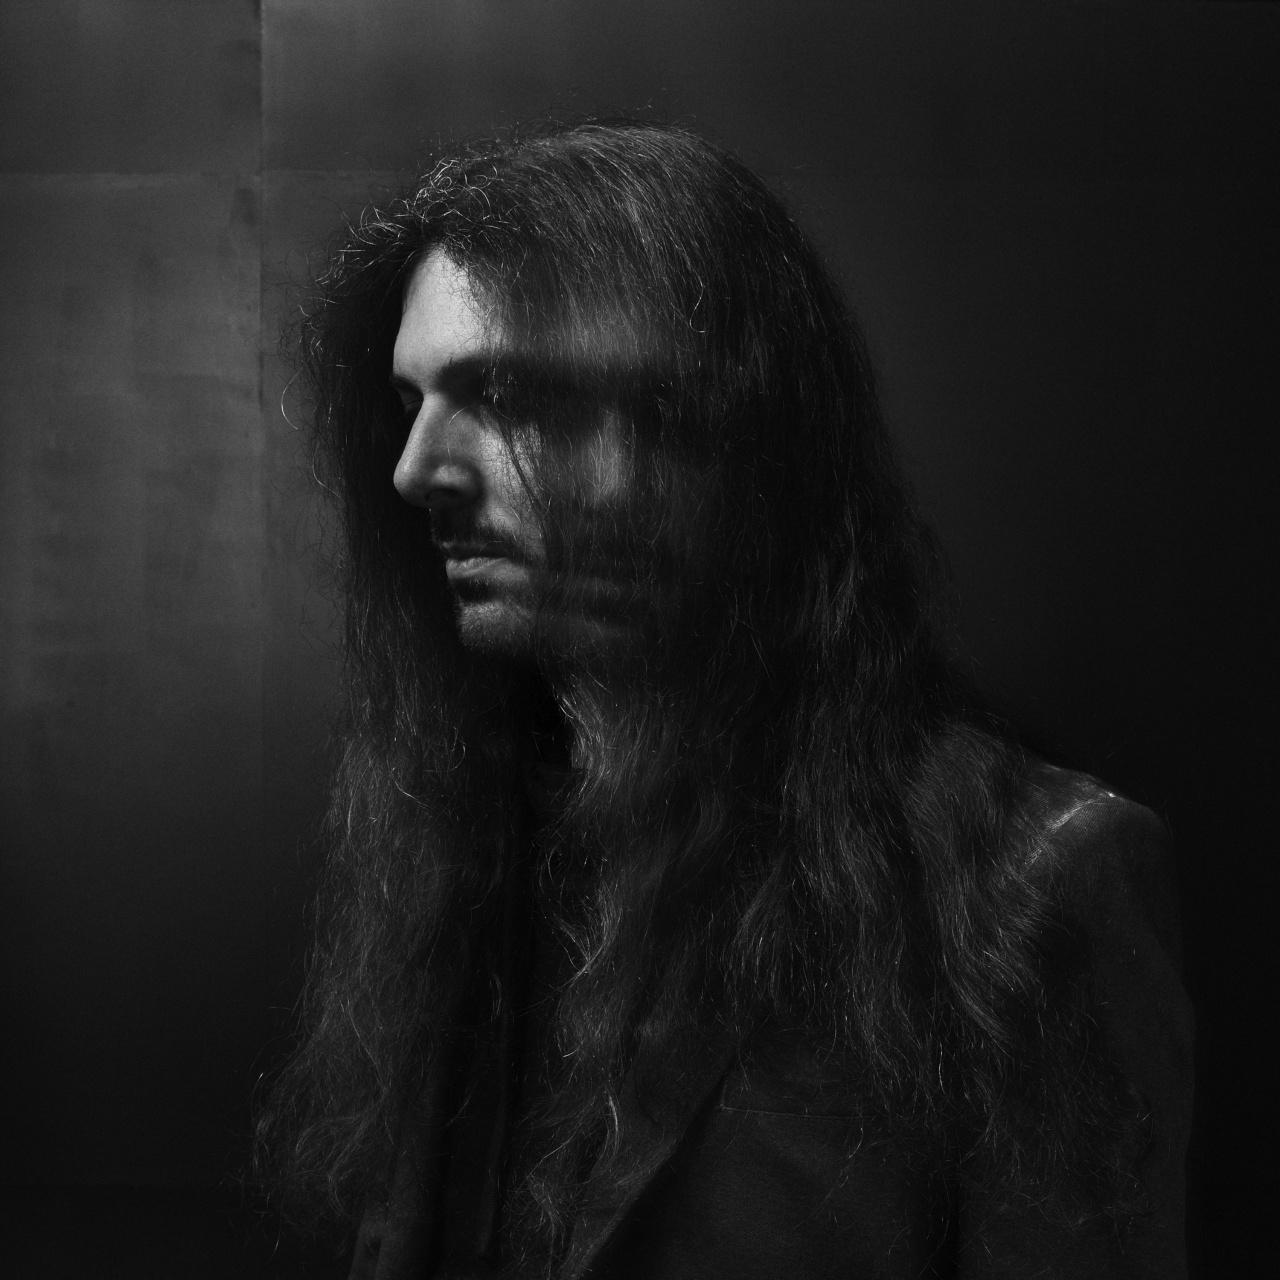 Emptiness - Promotional portrait